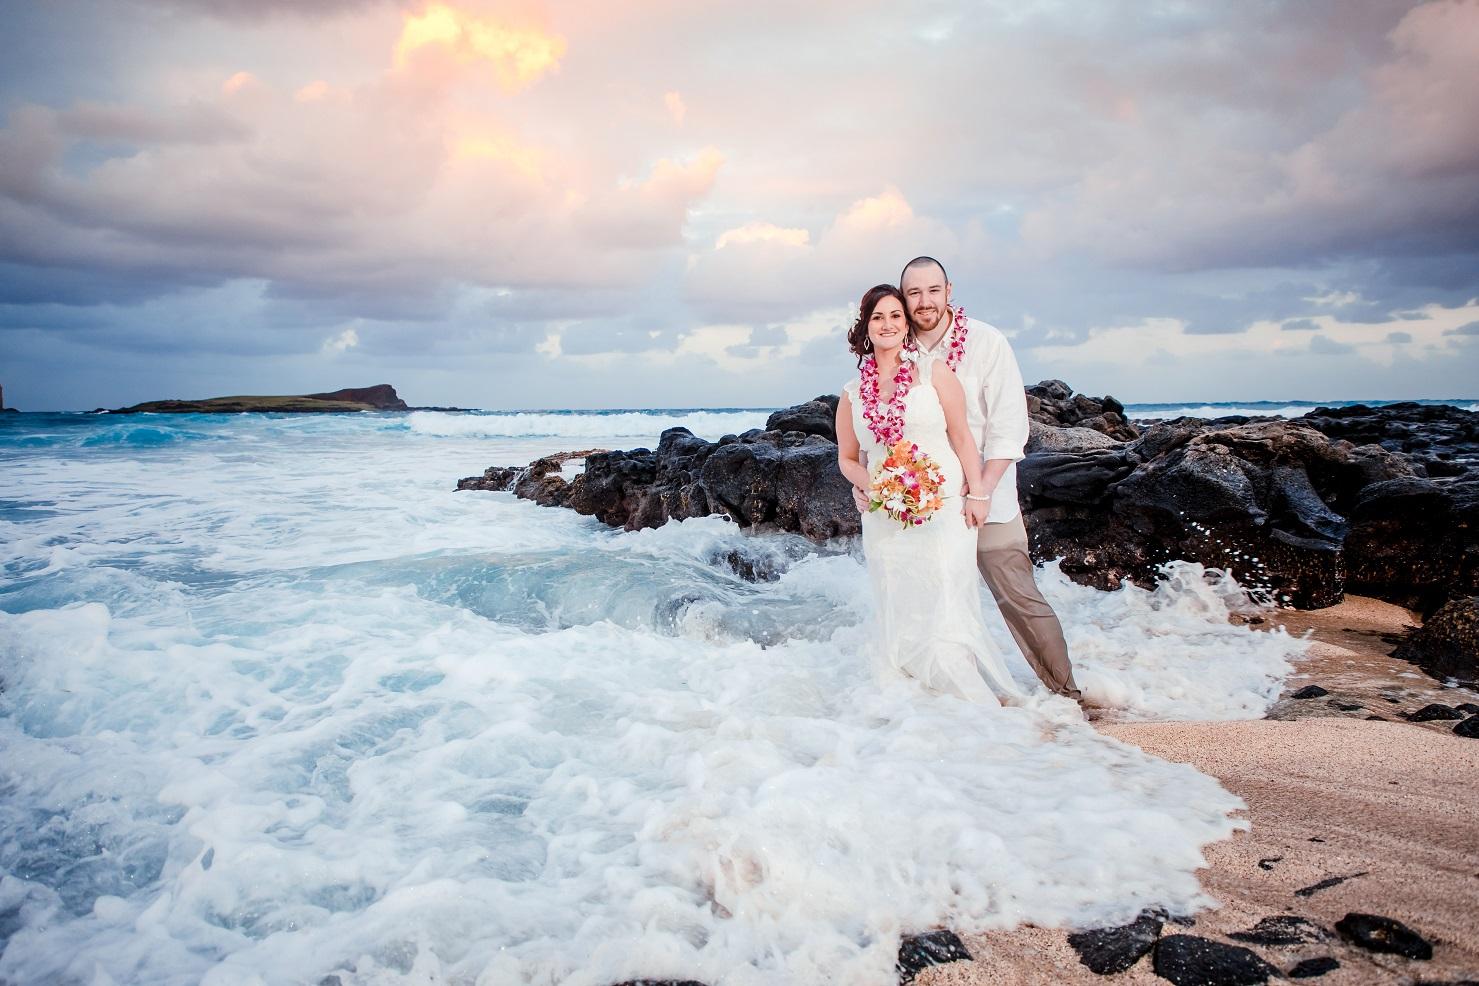 bride and groom wedding portrait in ocean waves beach sunset rocks